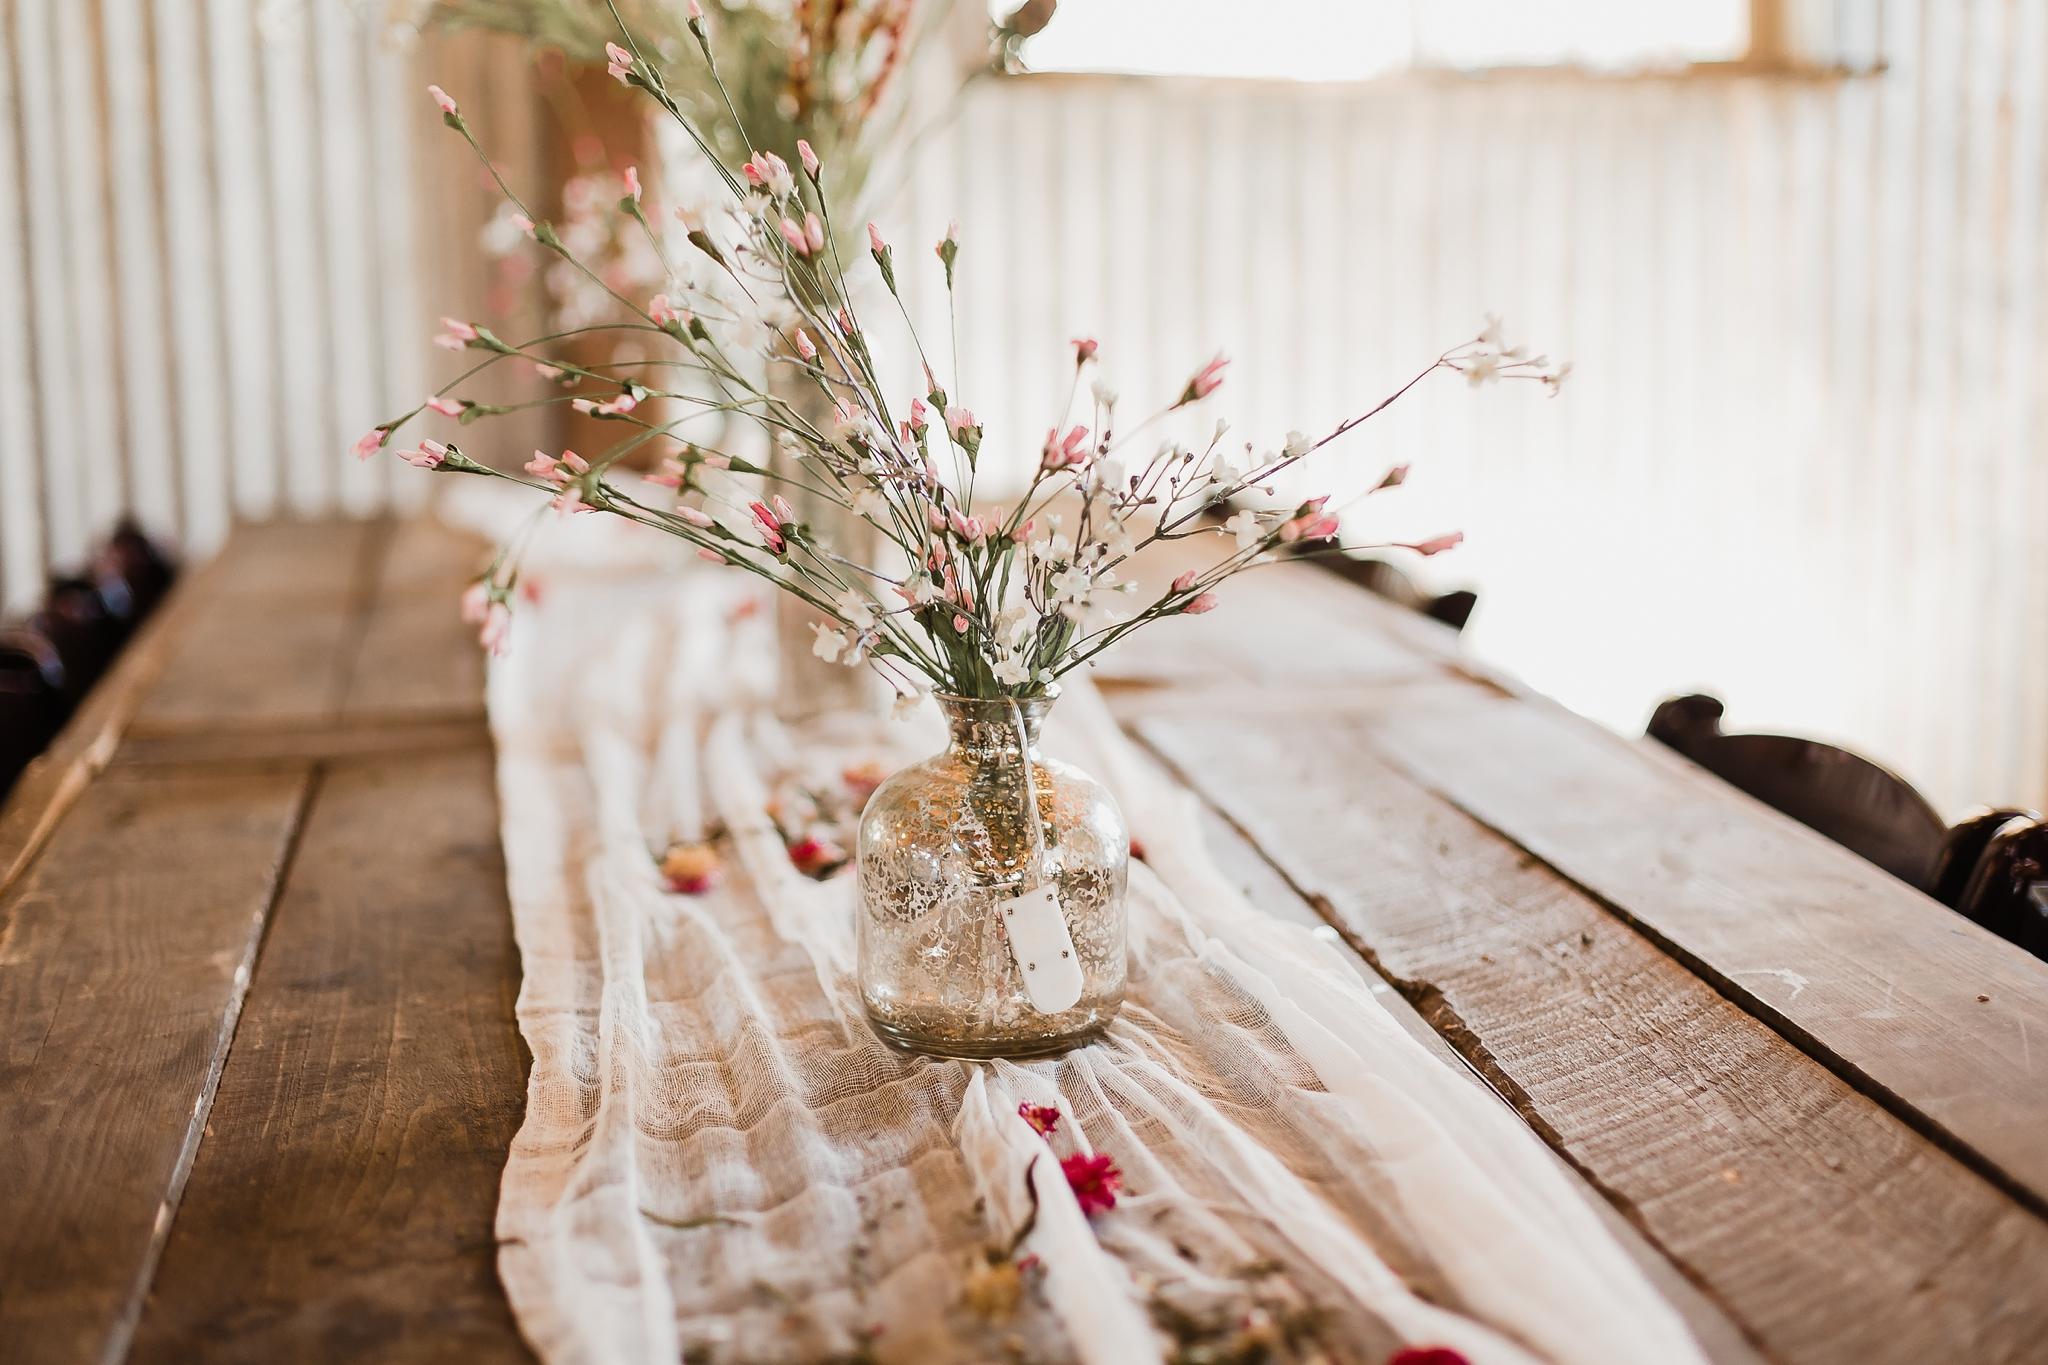 Alicia+lucia+photography+-+albuquerque+wedding+photographer+-+santa+fe+wedding+photography+-+new+mexico+wedding+photographer+-+new+mexico+wedding+-+new+mexico+wedding+-+barn+wedding+-+enchanted+vine+barn+wedding+-+ruidoso+wedding_0046.jpg